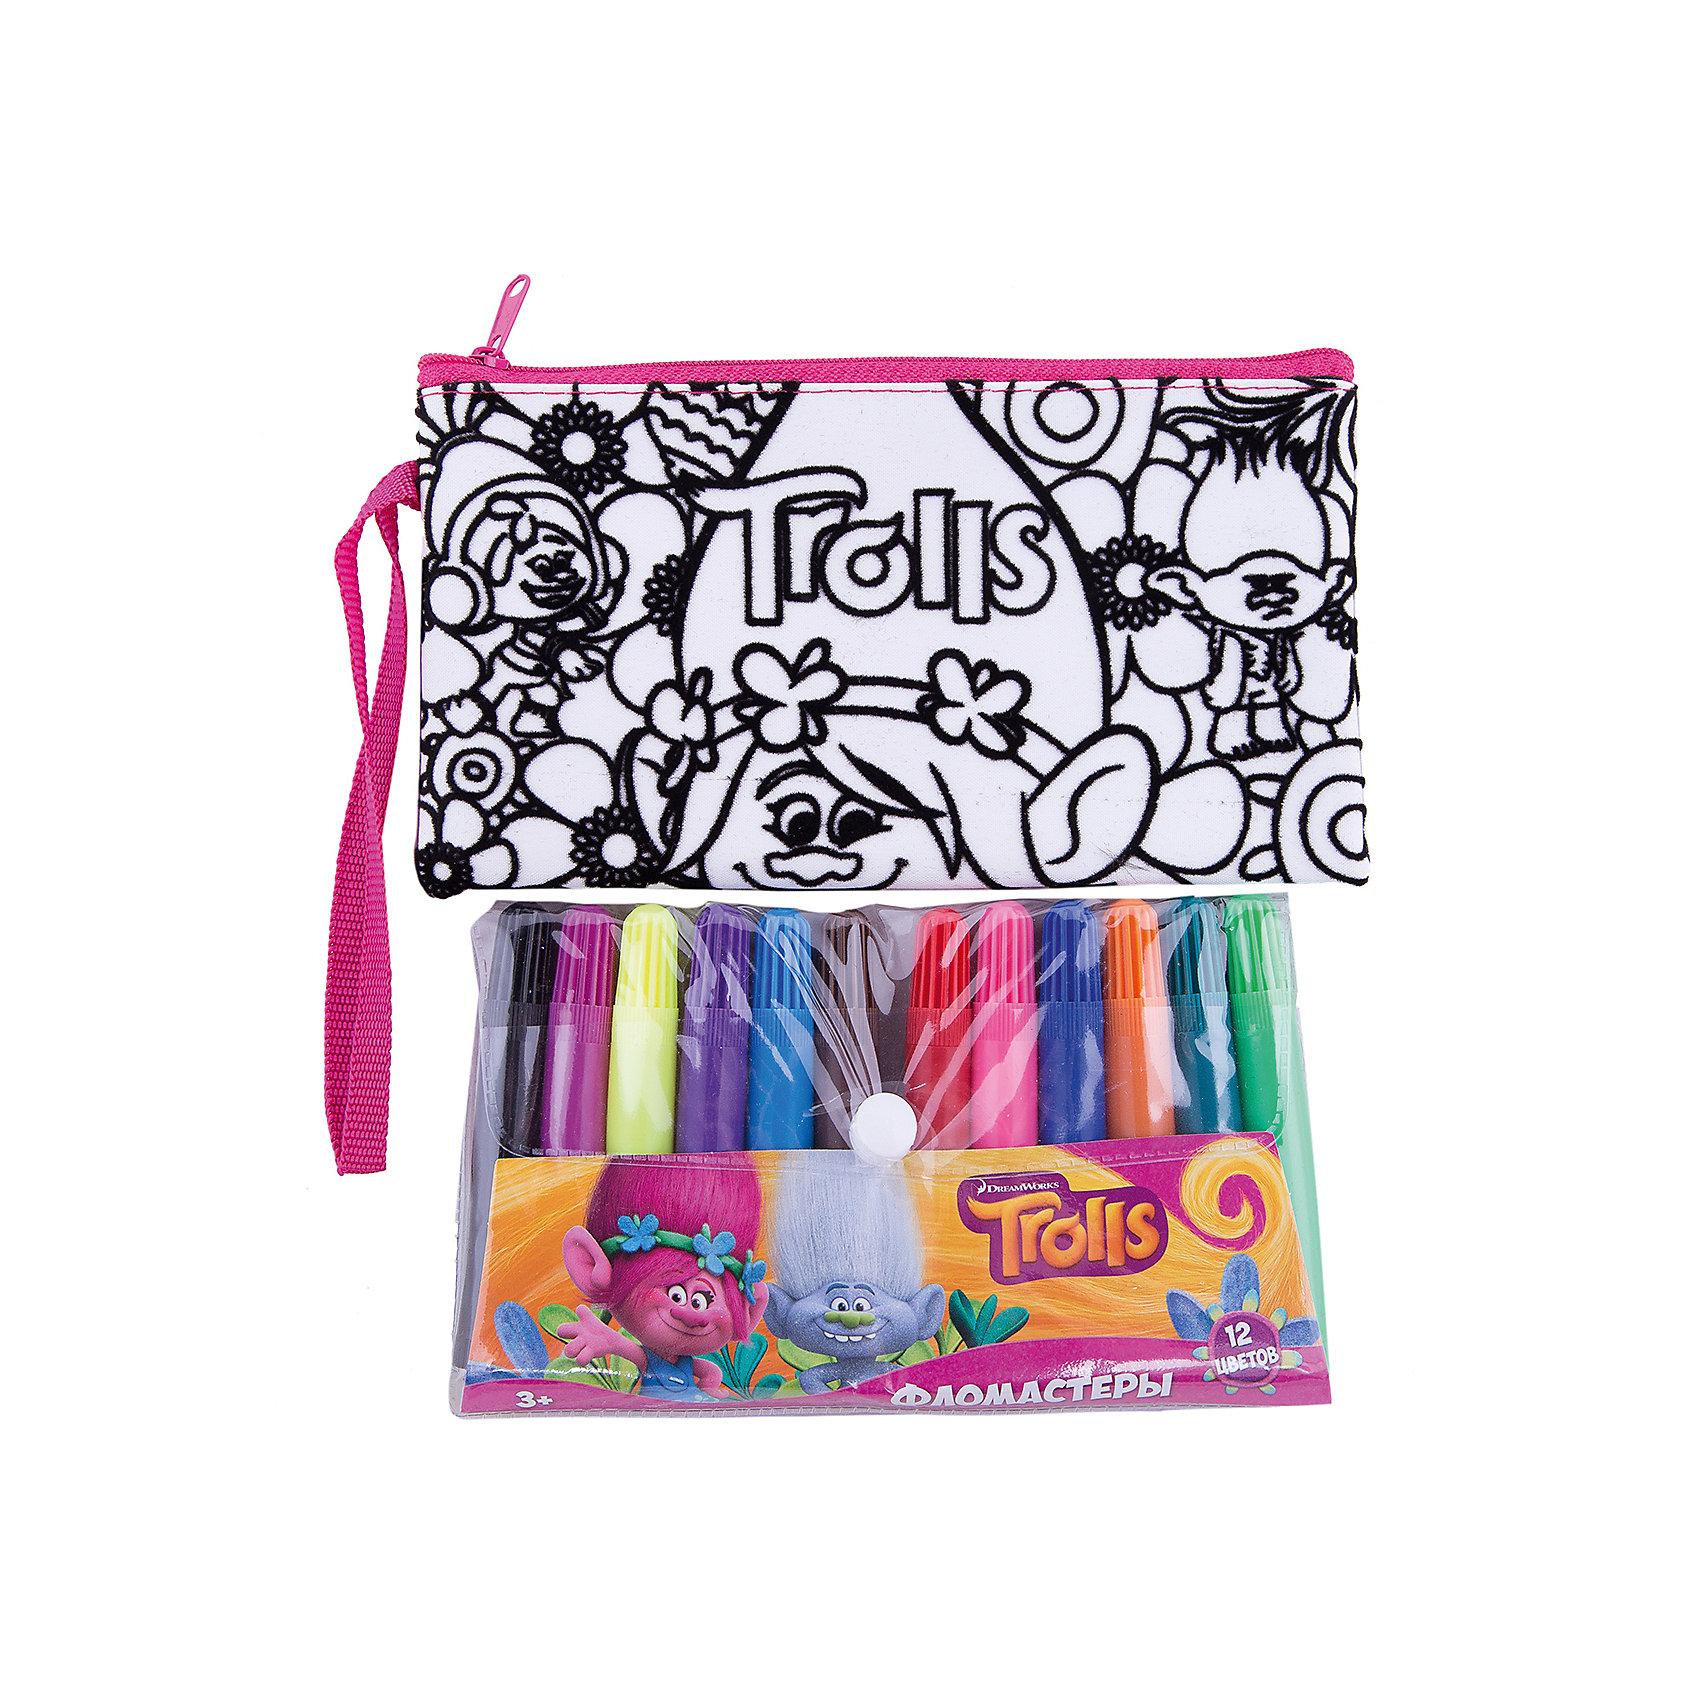 Набор Раскрась сумка Тролли.Рисование<br>Набор Раскрась сумку Тролли.<br><br>Характеристики:<br><br>• В набор входит: сумка-пенал 19 * 10см, фломастеры 12 цветов<br>• Размер упаковки: 32 * 3 * 23,5 см.<br>• Вес: 200 г.<br>• Для детей в возрасте: от 3 до 6 лет<br>• Страна производитель: Китай<br><br>В набор входят яркие фломастеры двенадцати классических цветов, которые позволят раскрасить сумочку-пенал на своё усмотрение. Мягкая и функциональная сумочка с одним общим отделением на молнии подойдёт как для учебных принадлежностей, так и для повседневных мелочей. Удобная прочная ручка-ремешок позволяет носить сумочку как будет удобнее её хозяйке.<br><br>Набор Раскрась сумку Тролли можно купить в нашем интернет-магазине.<br><br>Ширина мм: 30<br>Глубина мм: 235<br>Высота мм: 320<br>Вес г: 200<br>Возраст от месяцев: 36<br>Возраст до месяцев: 2147483647<br>Пол: Женский<br>Возраст: Детский<br>SKU: 5478269